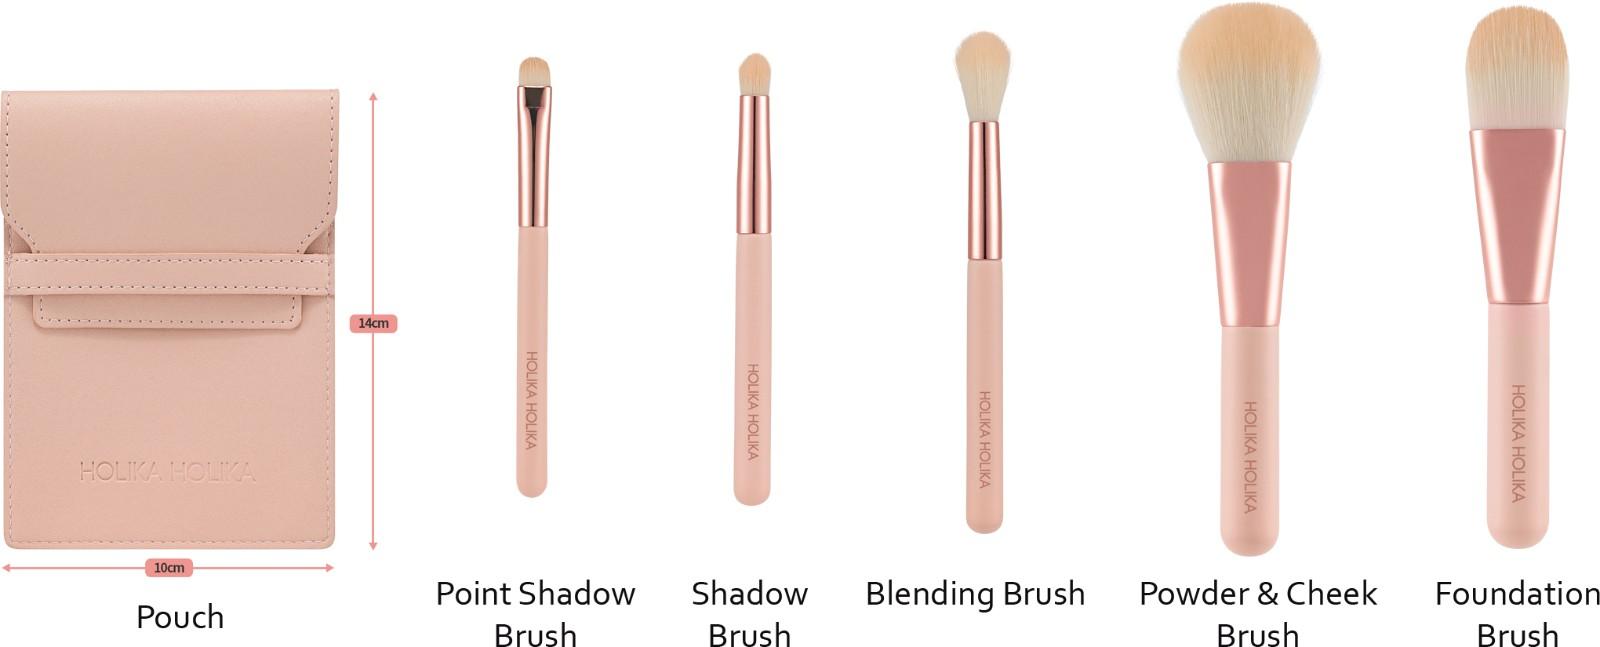 Nudrop Mini Brush Set Detail